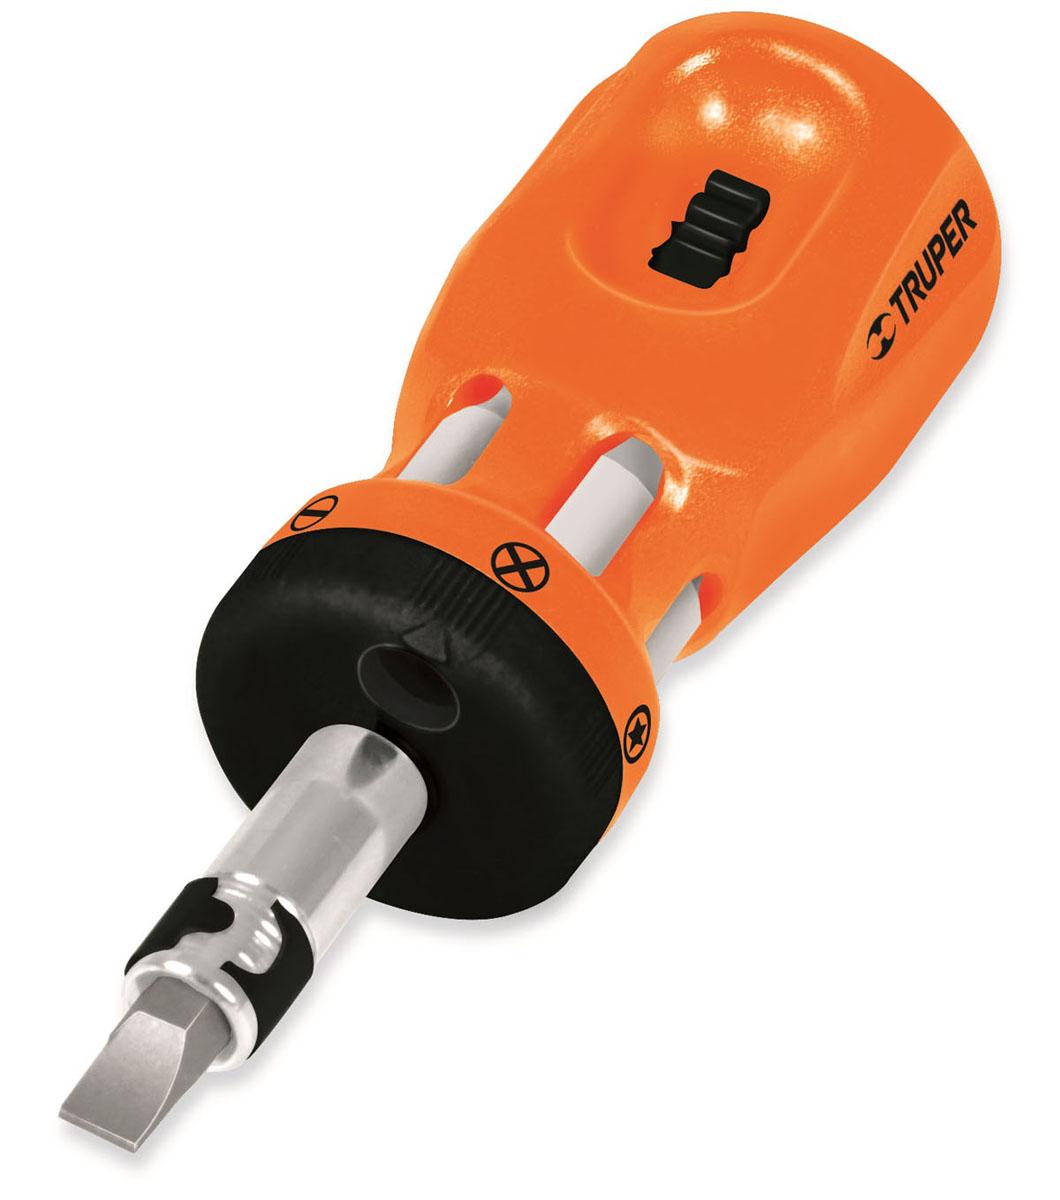 Миниотвертка с храповым механизмом Truper, 6 бит отвертка с храповым механизмом stanley fatmax hi speed 0 69 236